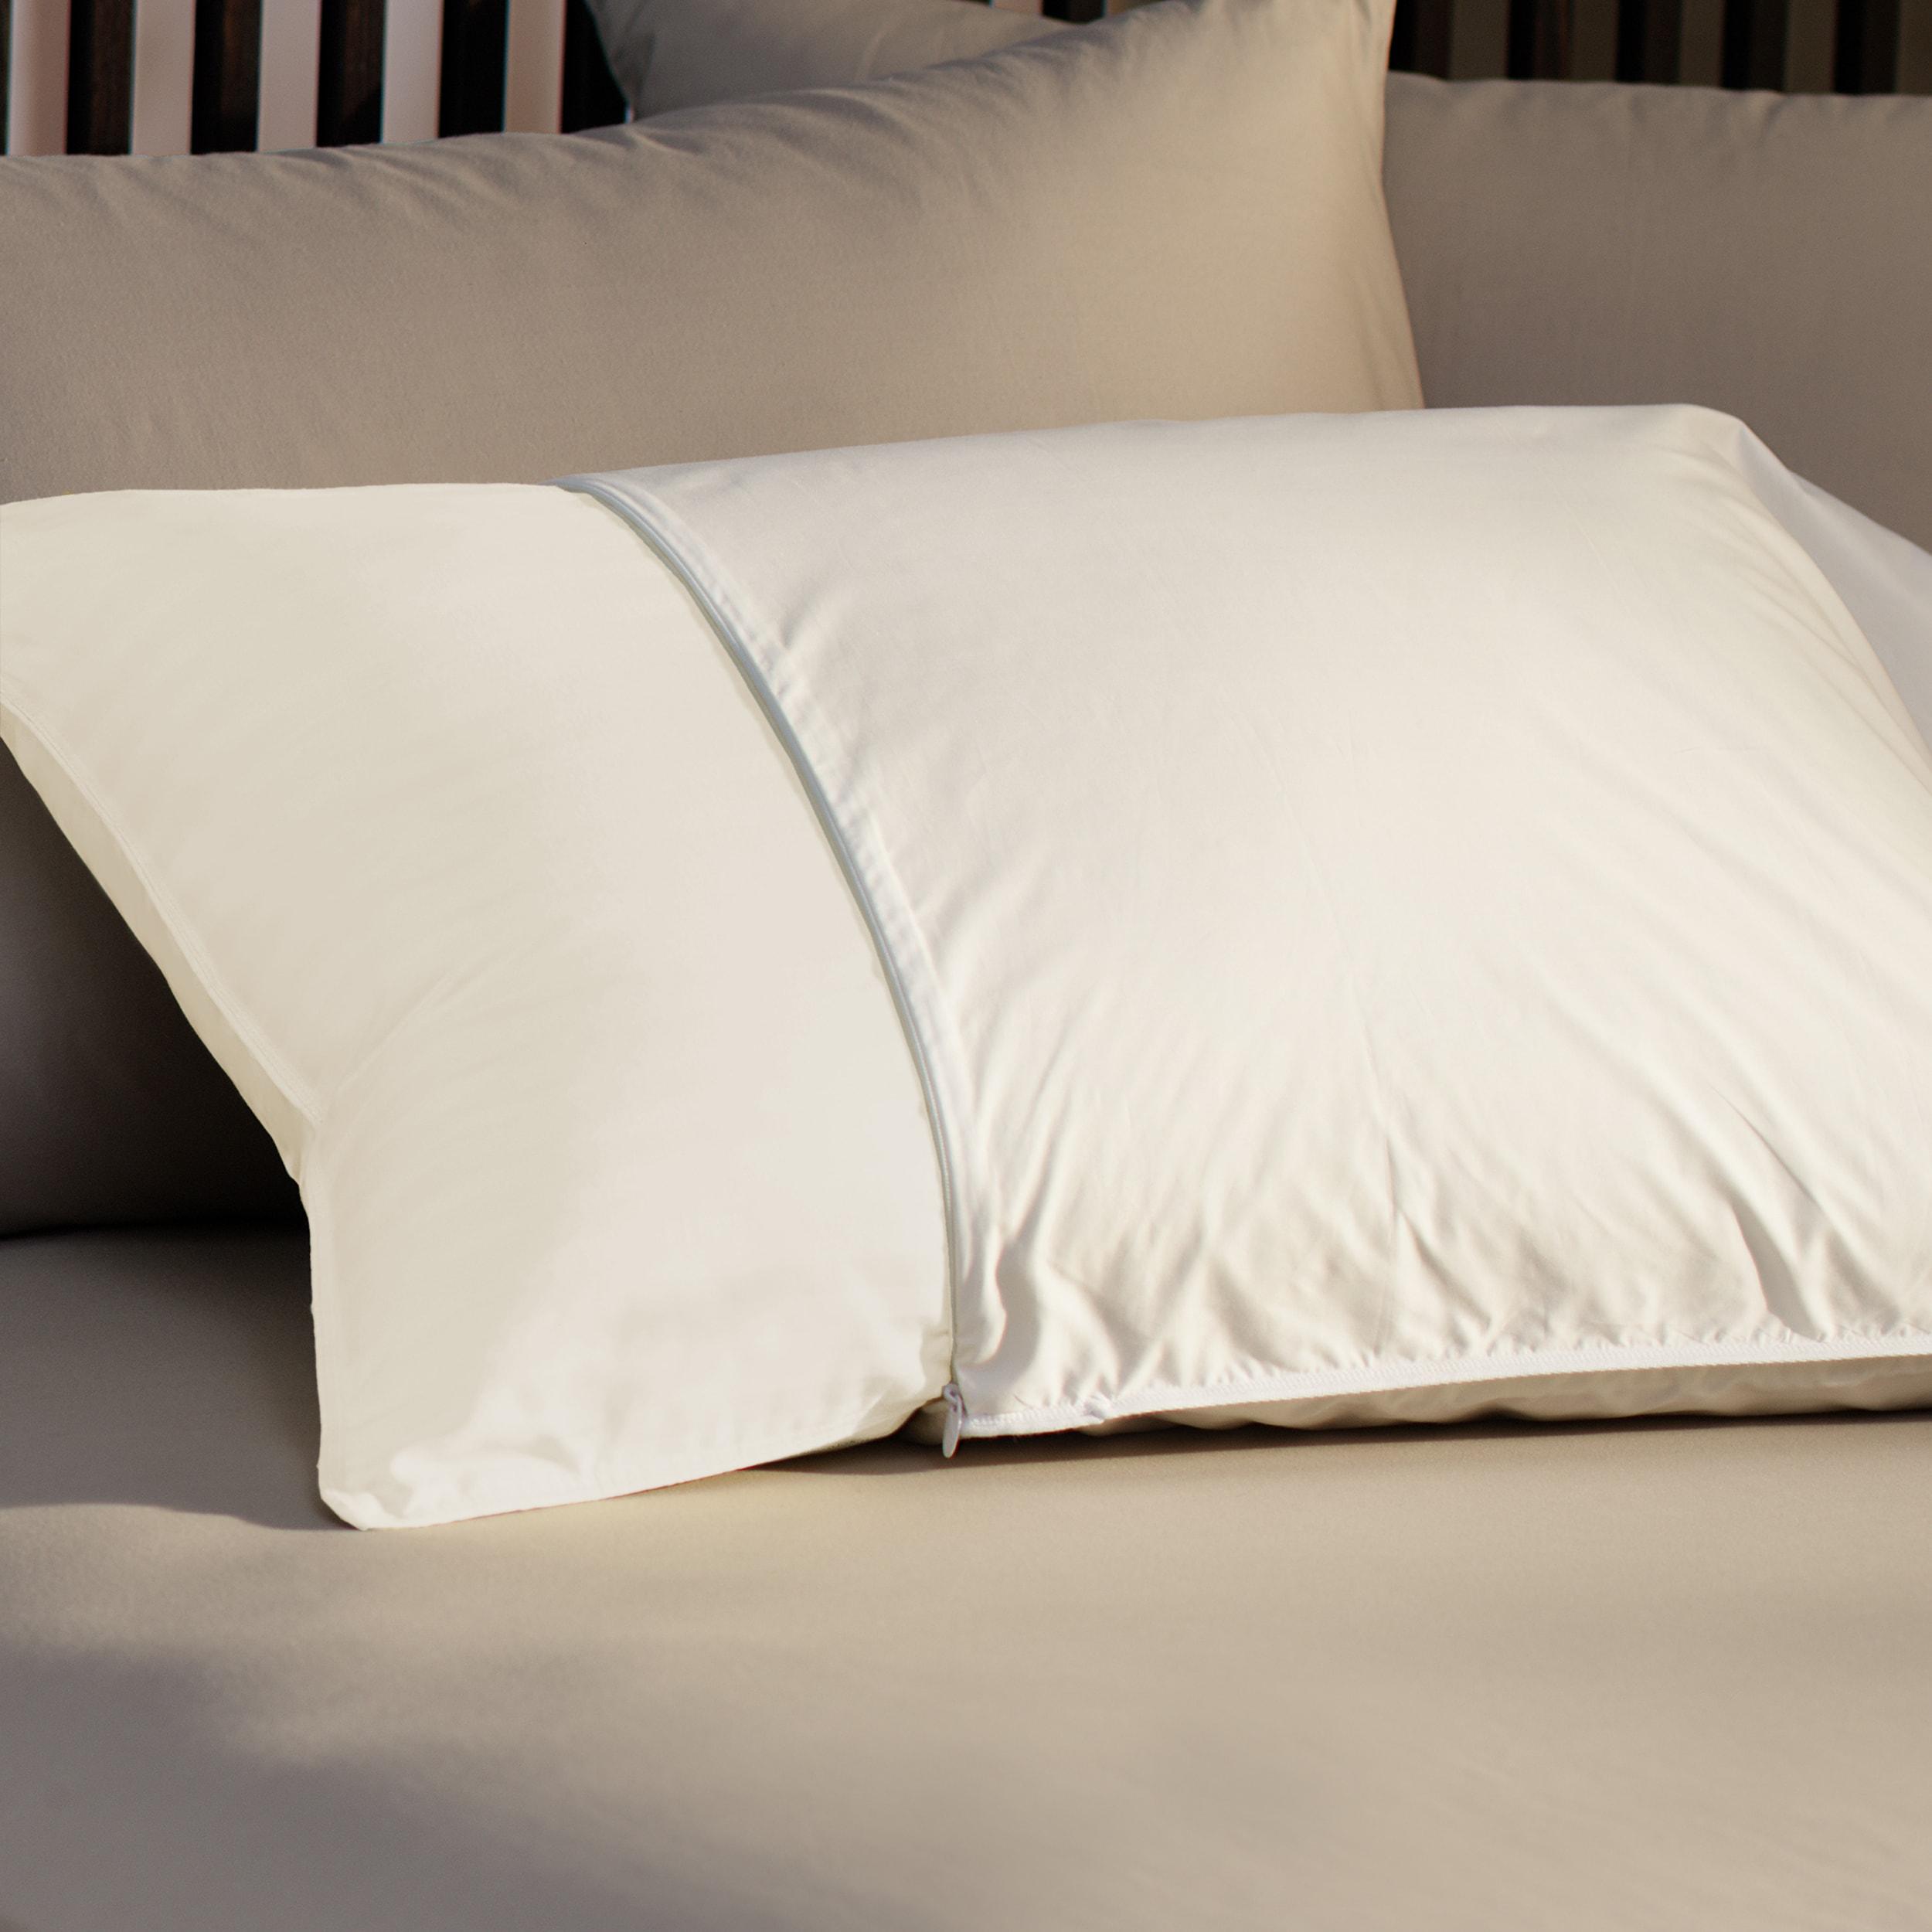 230 Thread Count Zip Standard/Queen/King- Size Pillow Protectors (Set of 2)